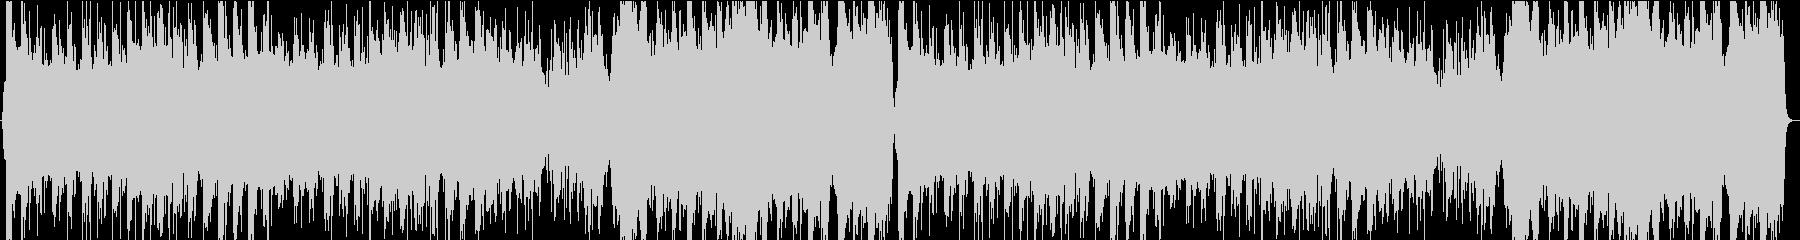 中華風の優雅なBGMの未再生の波形